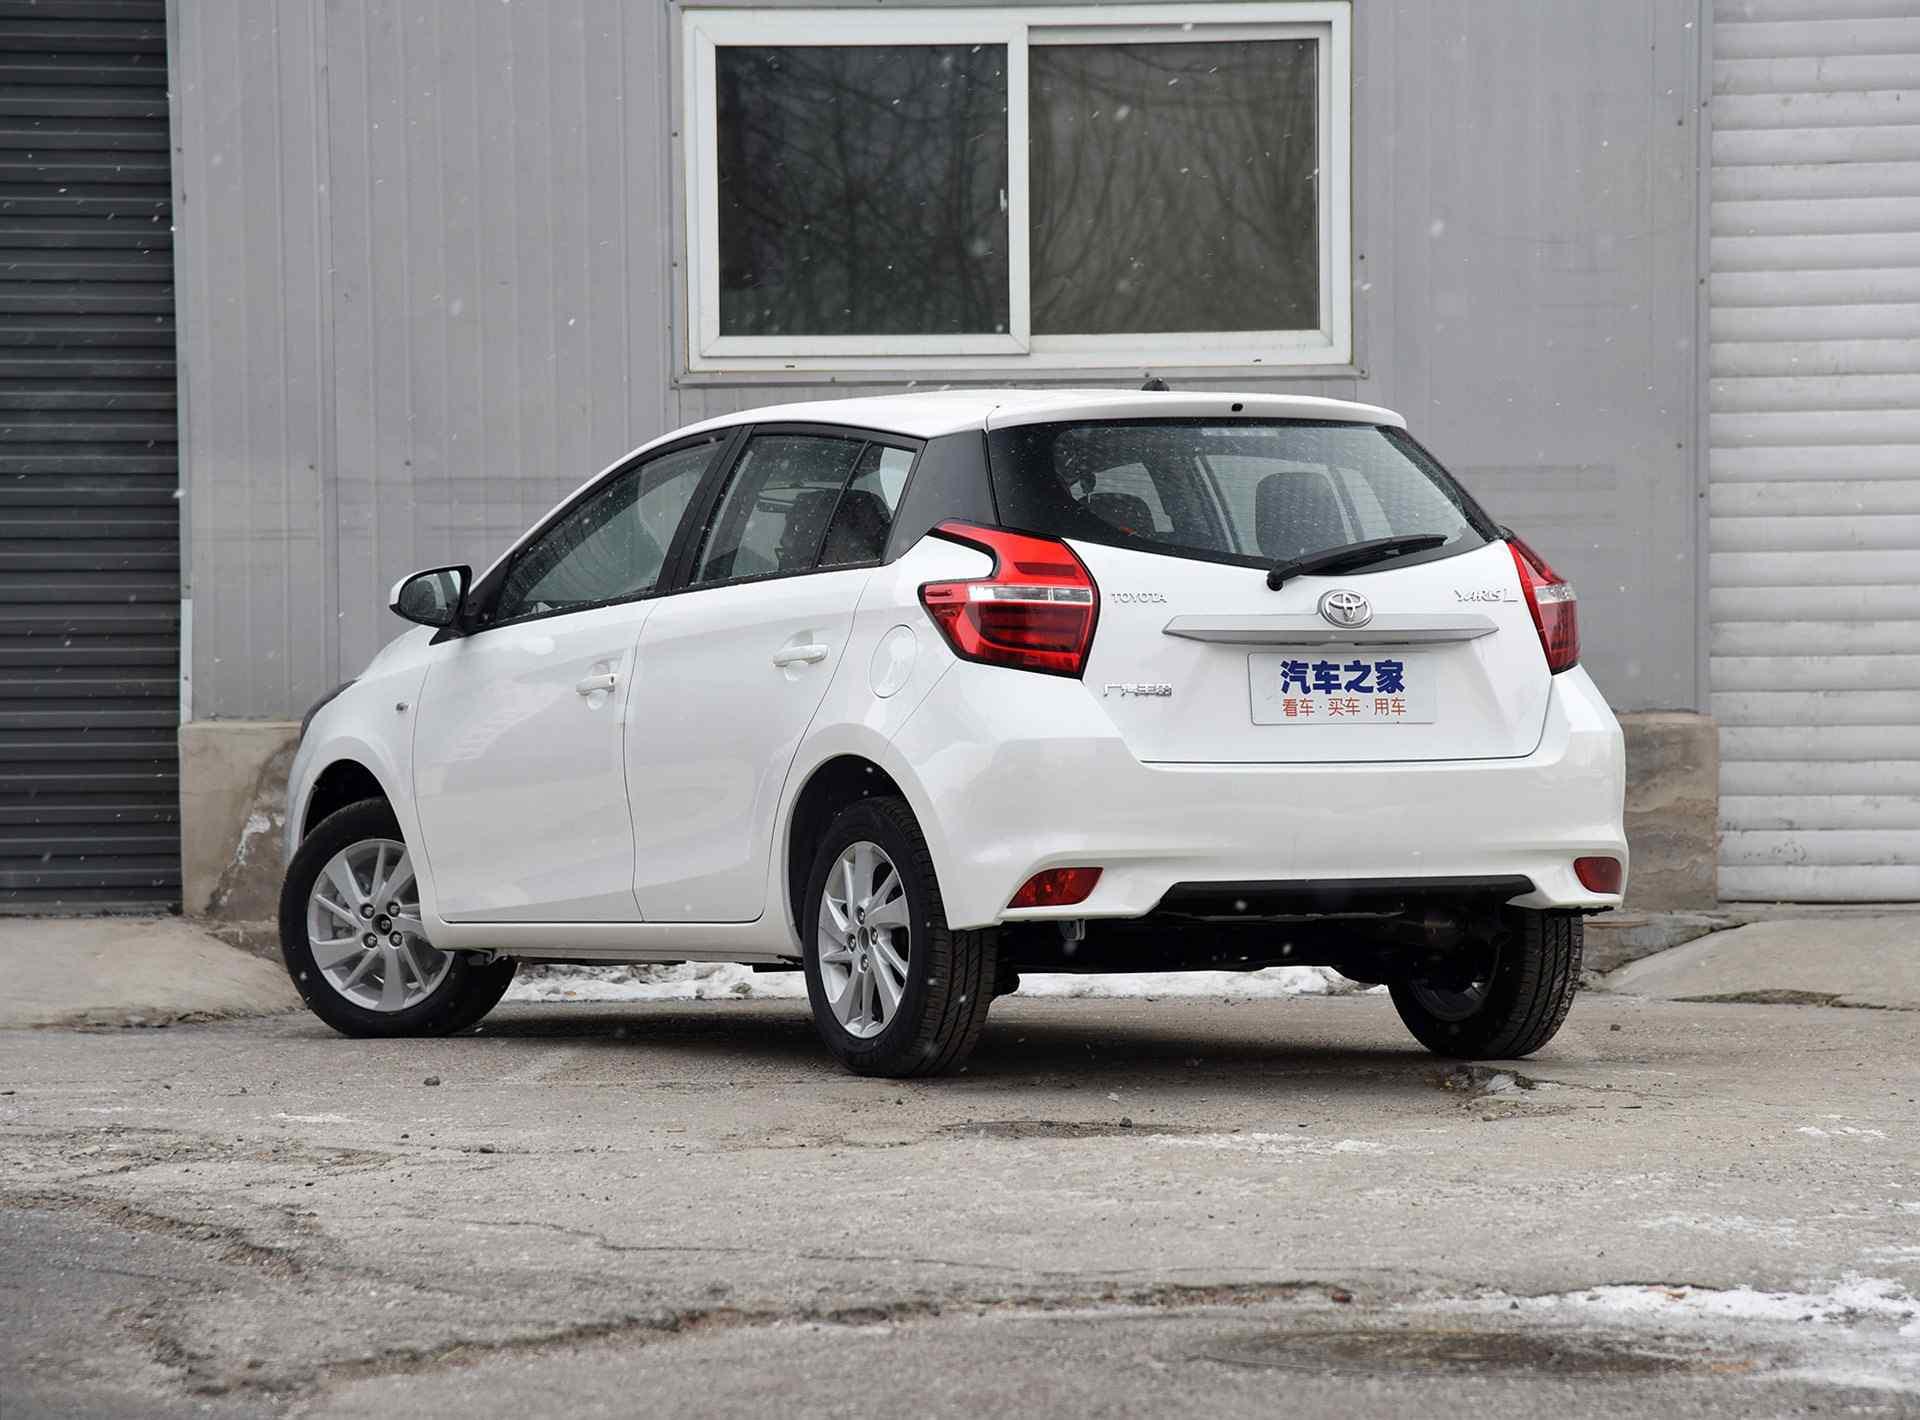 8万元左右口碑最好车 8万元左右可以买到的丰田车:全新致炫,舒适省油好开